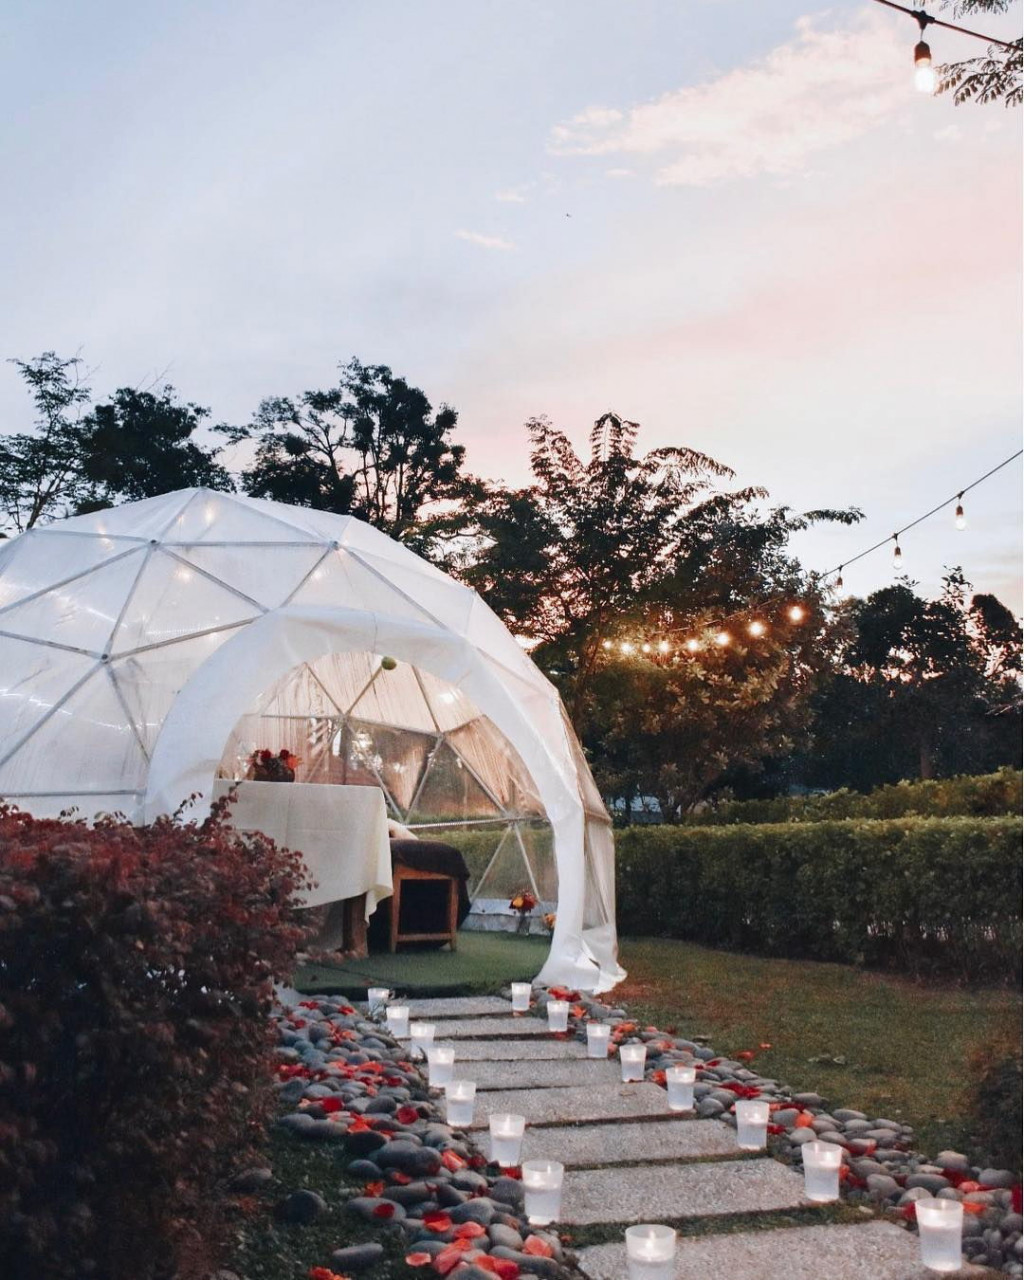 summerhouse garden dome valentine's day restaurant